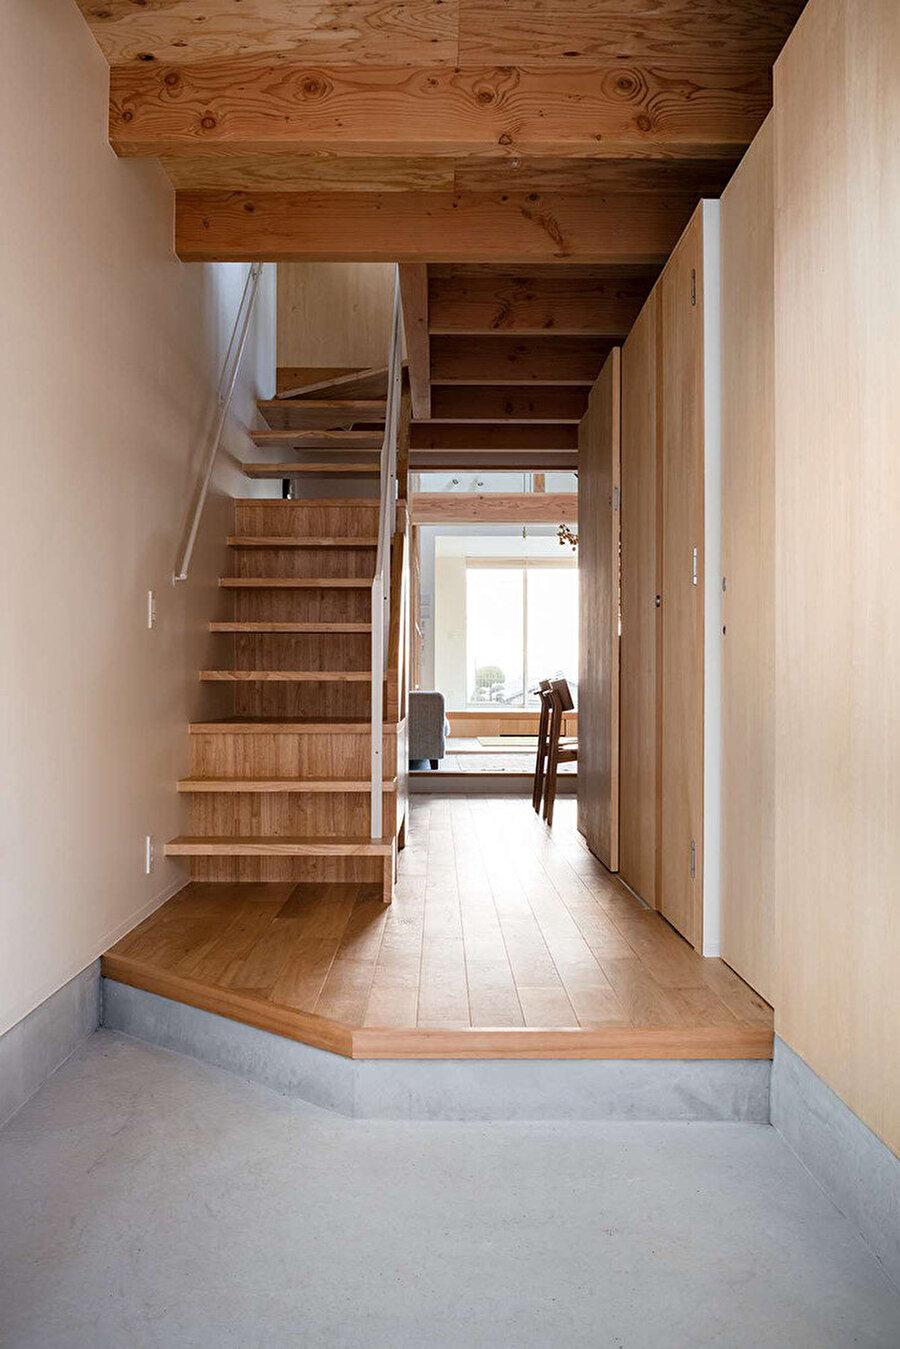 Büyük hacimdeki yatak odalarına ulaşan merdiven.